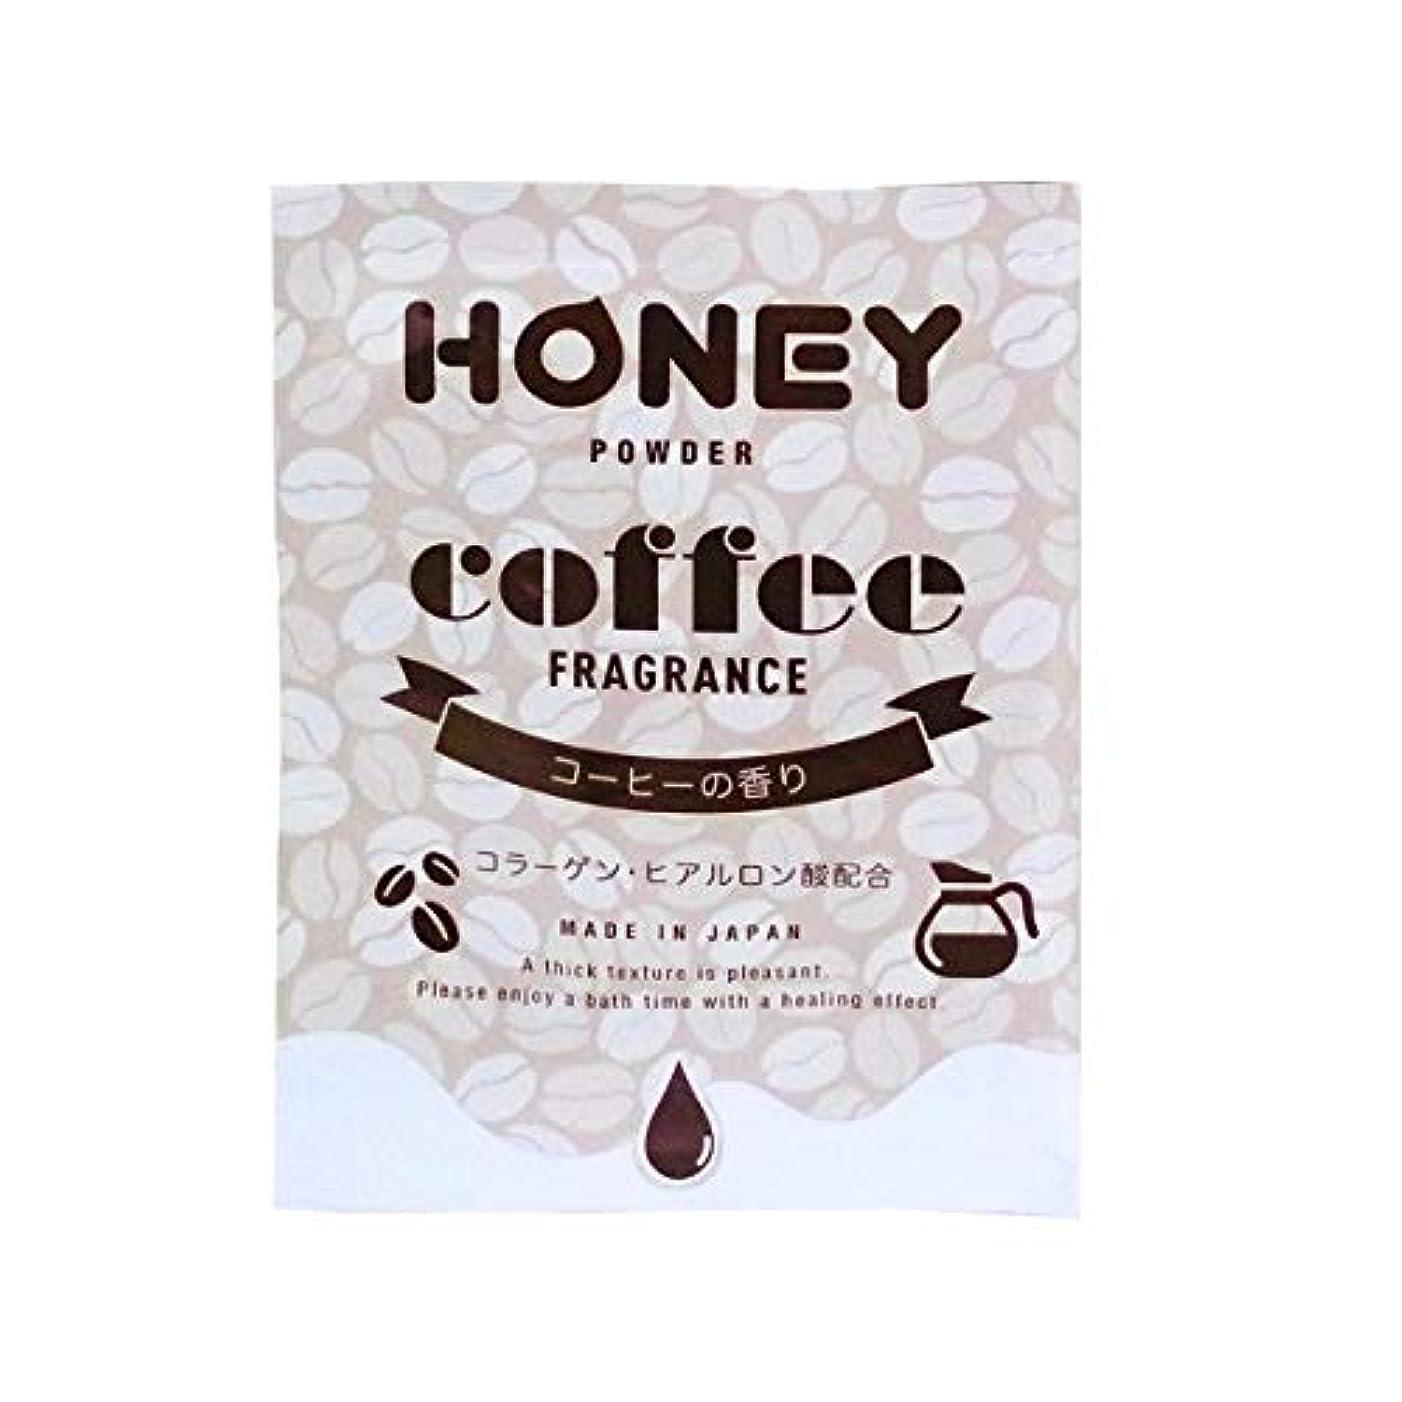 楽な好きである重要な役割を果たす、中心的な手段となるとろとろ入浴剤【honey powder】(ハニーパウダー) 2個セット コーヒーの香り 粉末タイプ ローション